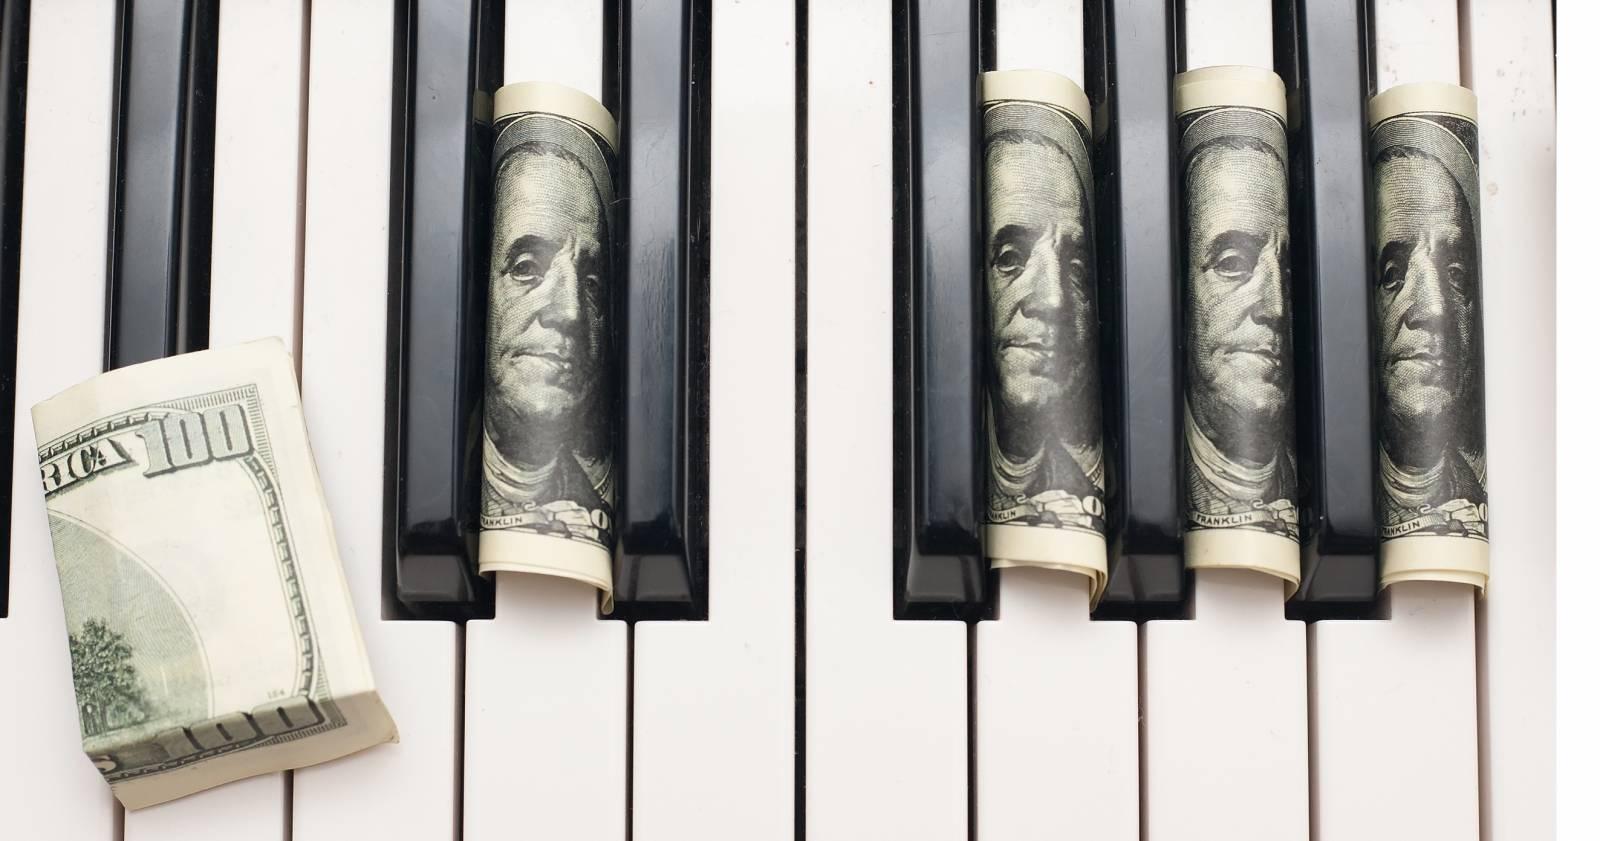 Hudbu kupujte dnes. Bandcamp se vzdává provizí ve prospěch hudebníků, Spotify vydělává dál